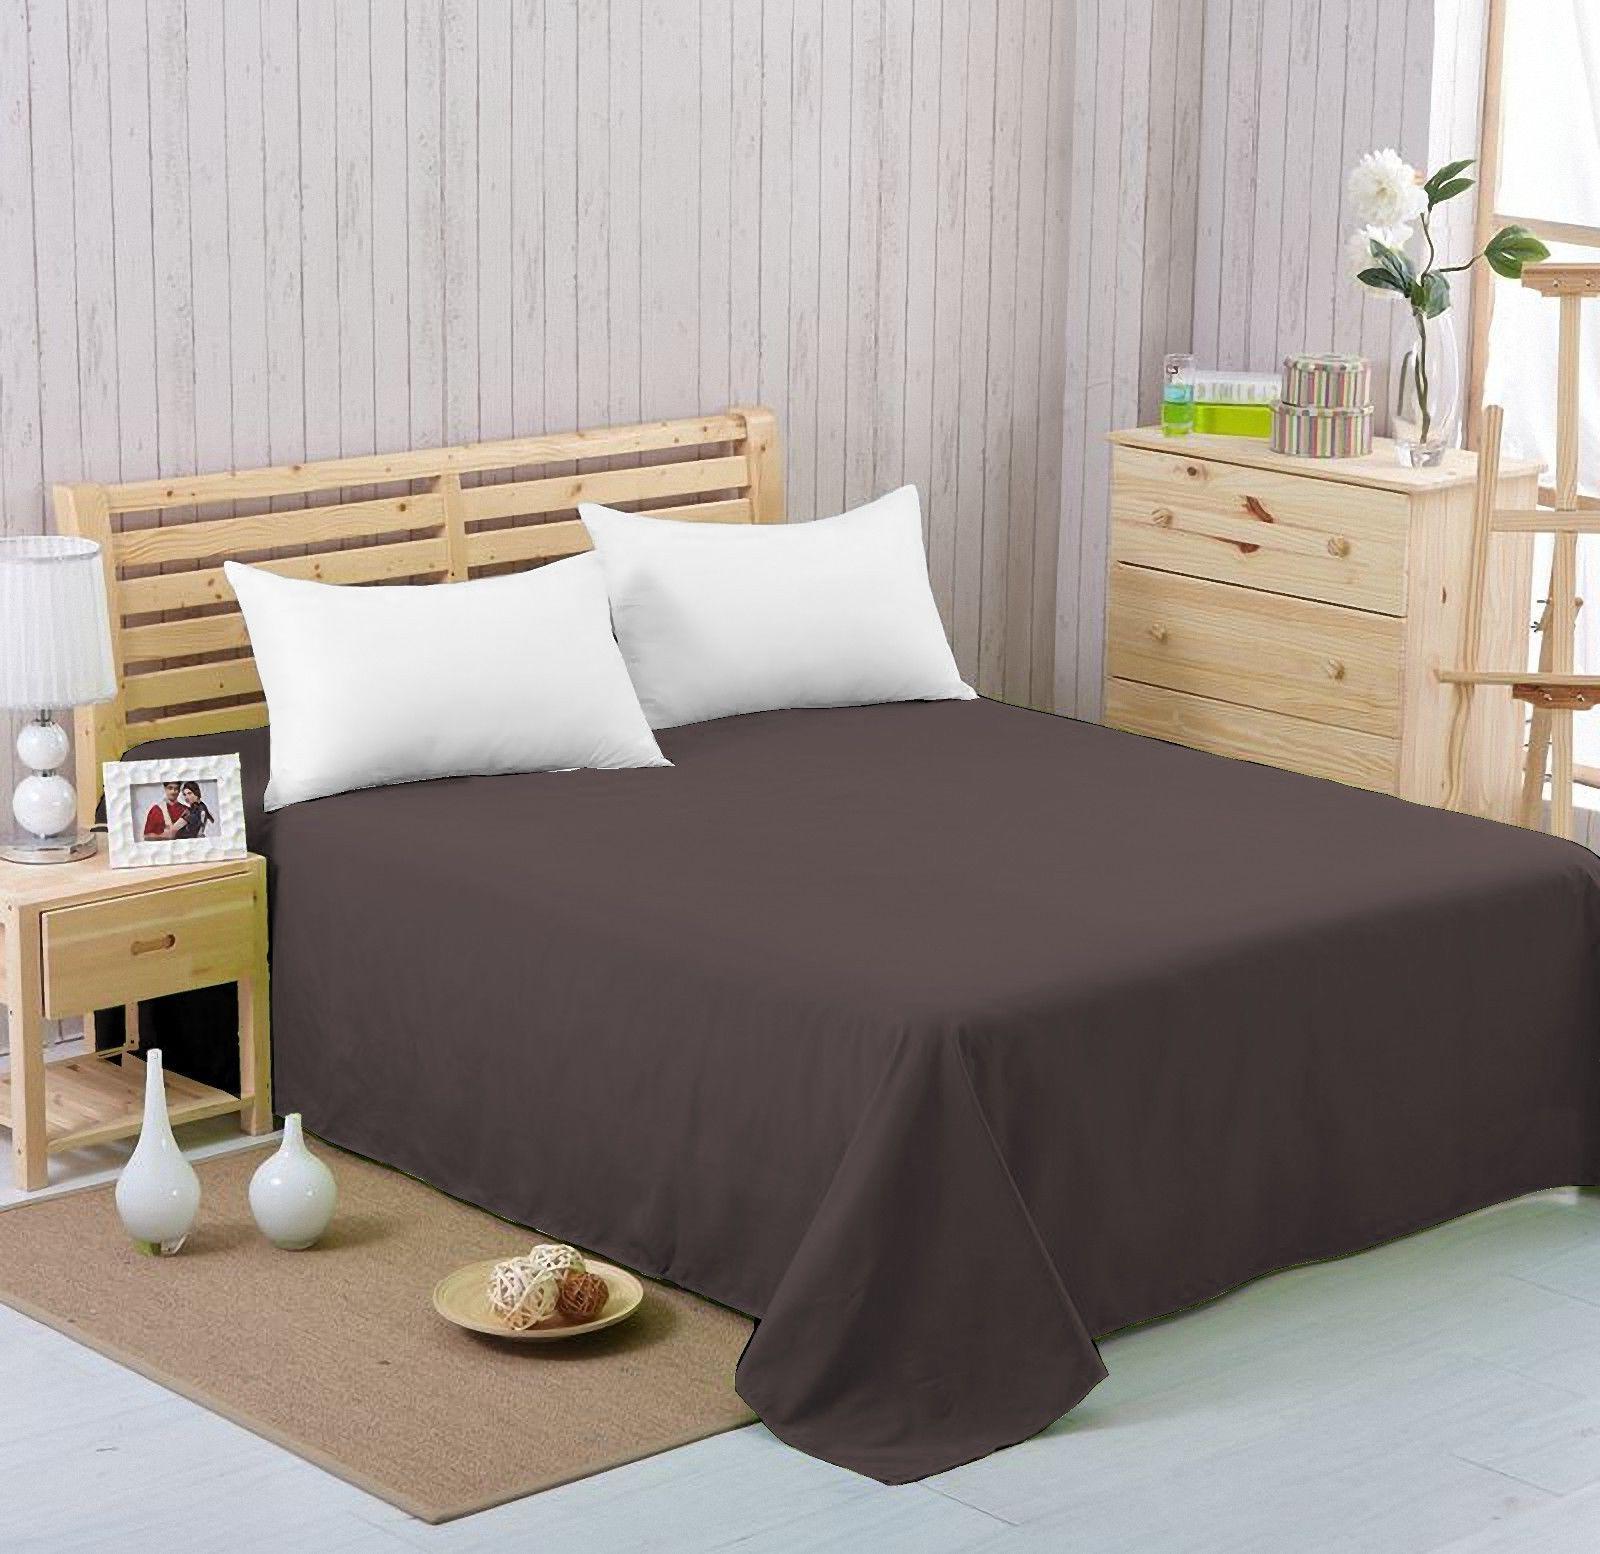 Flat sheet Quality,